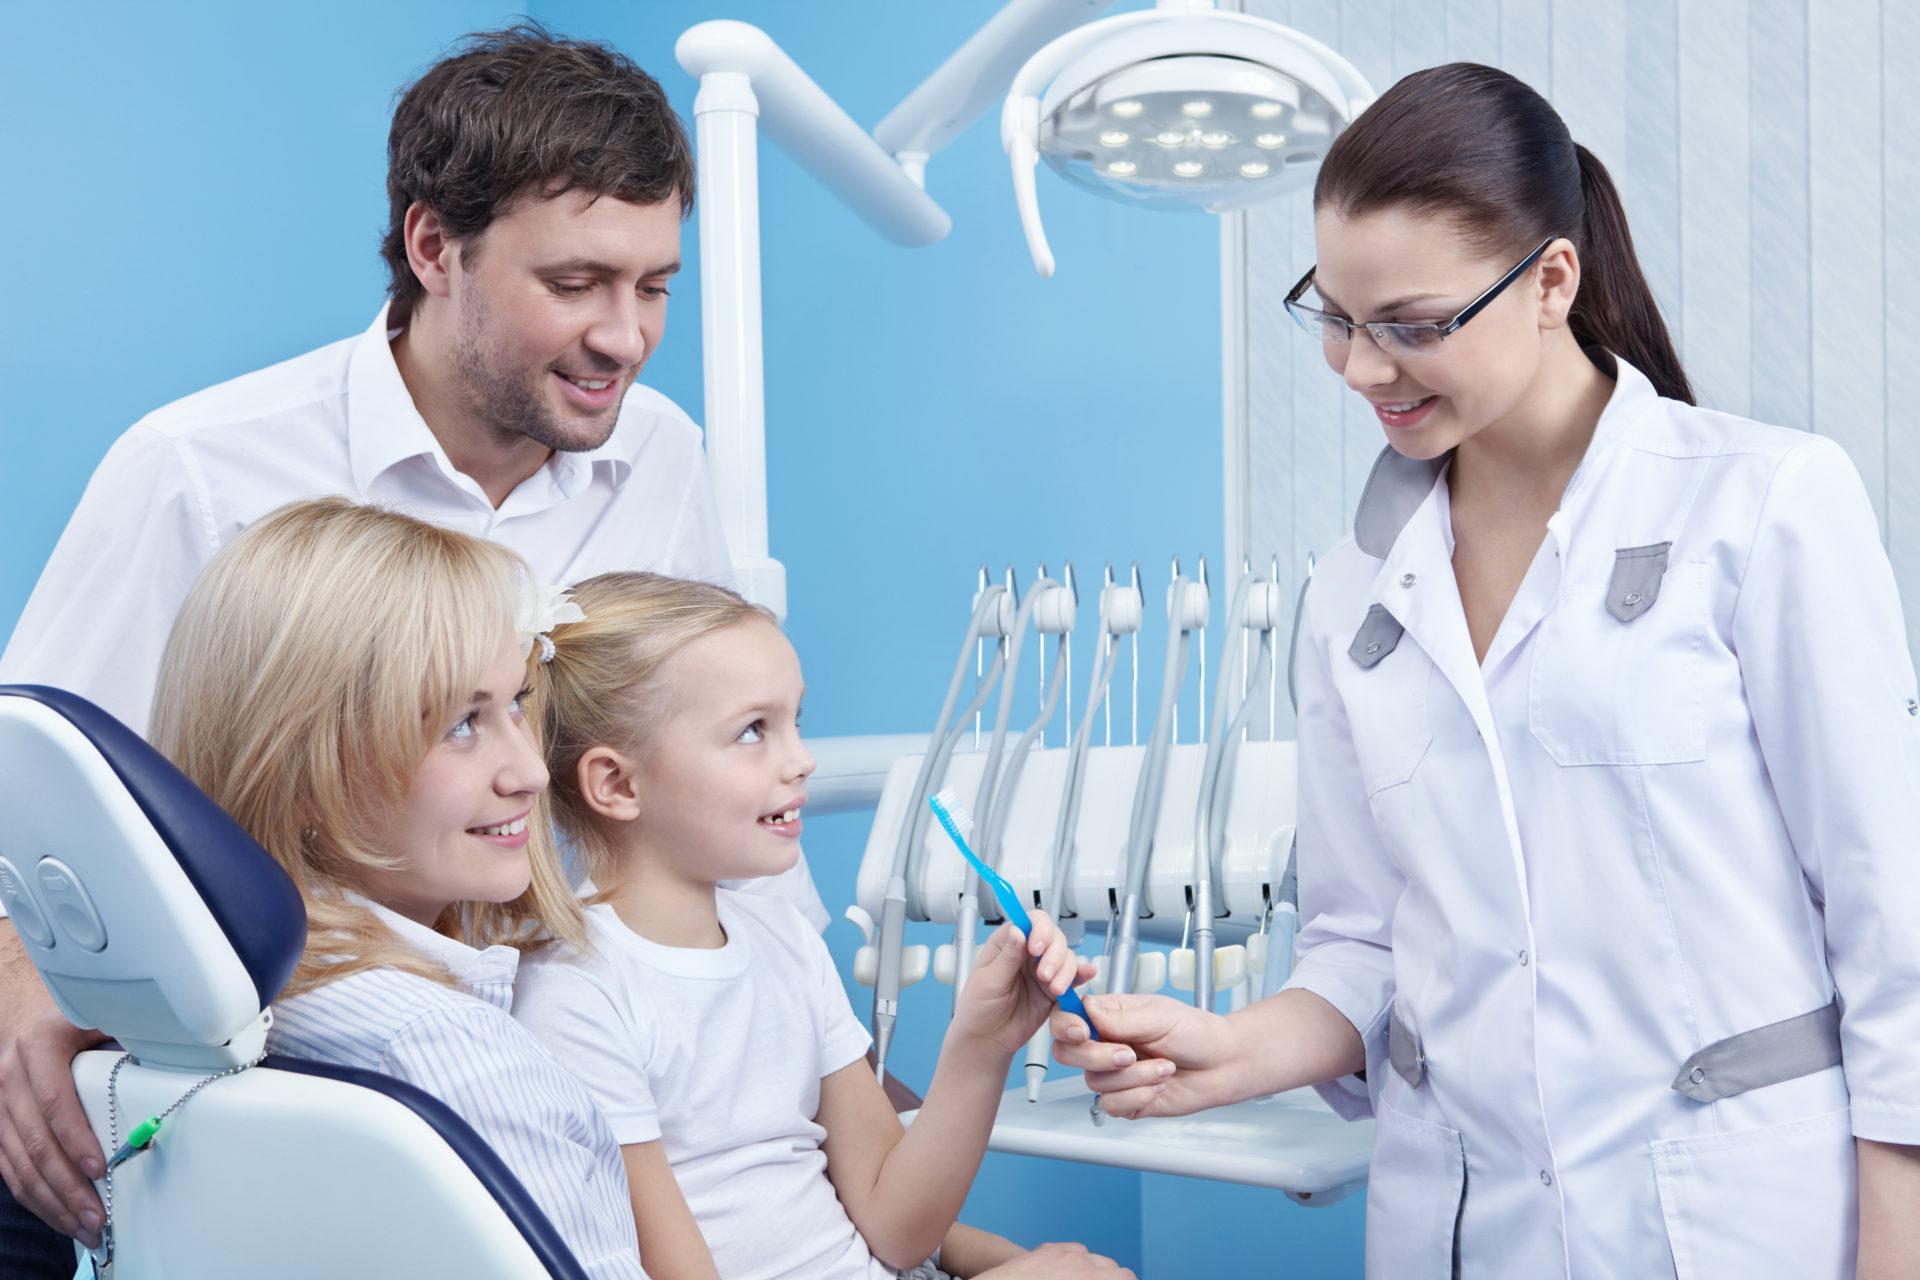 Visita a tu dentista habitualmente: es la forma más segura de reducir riesgos